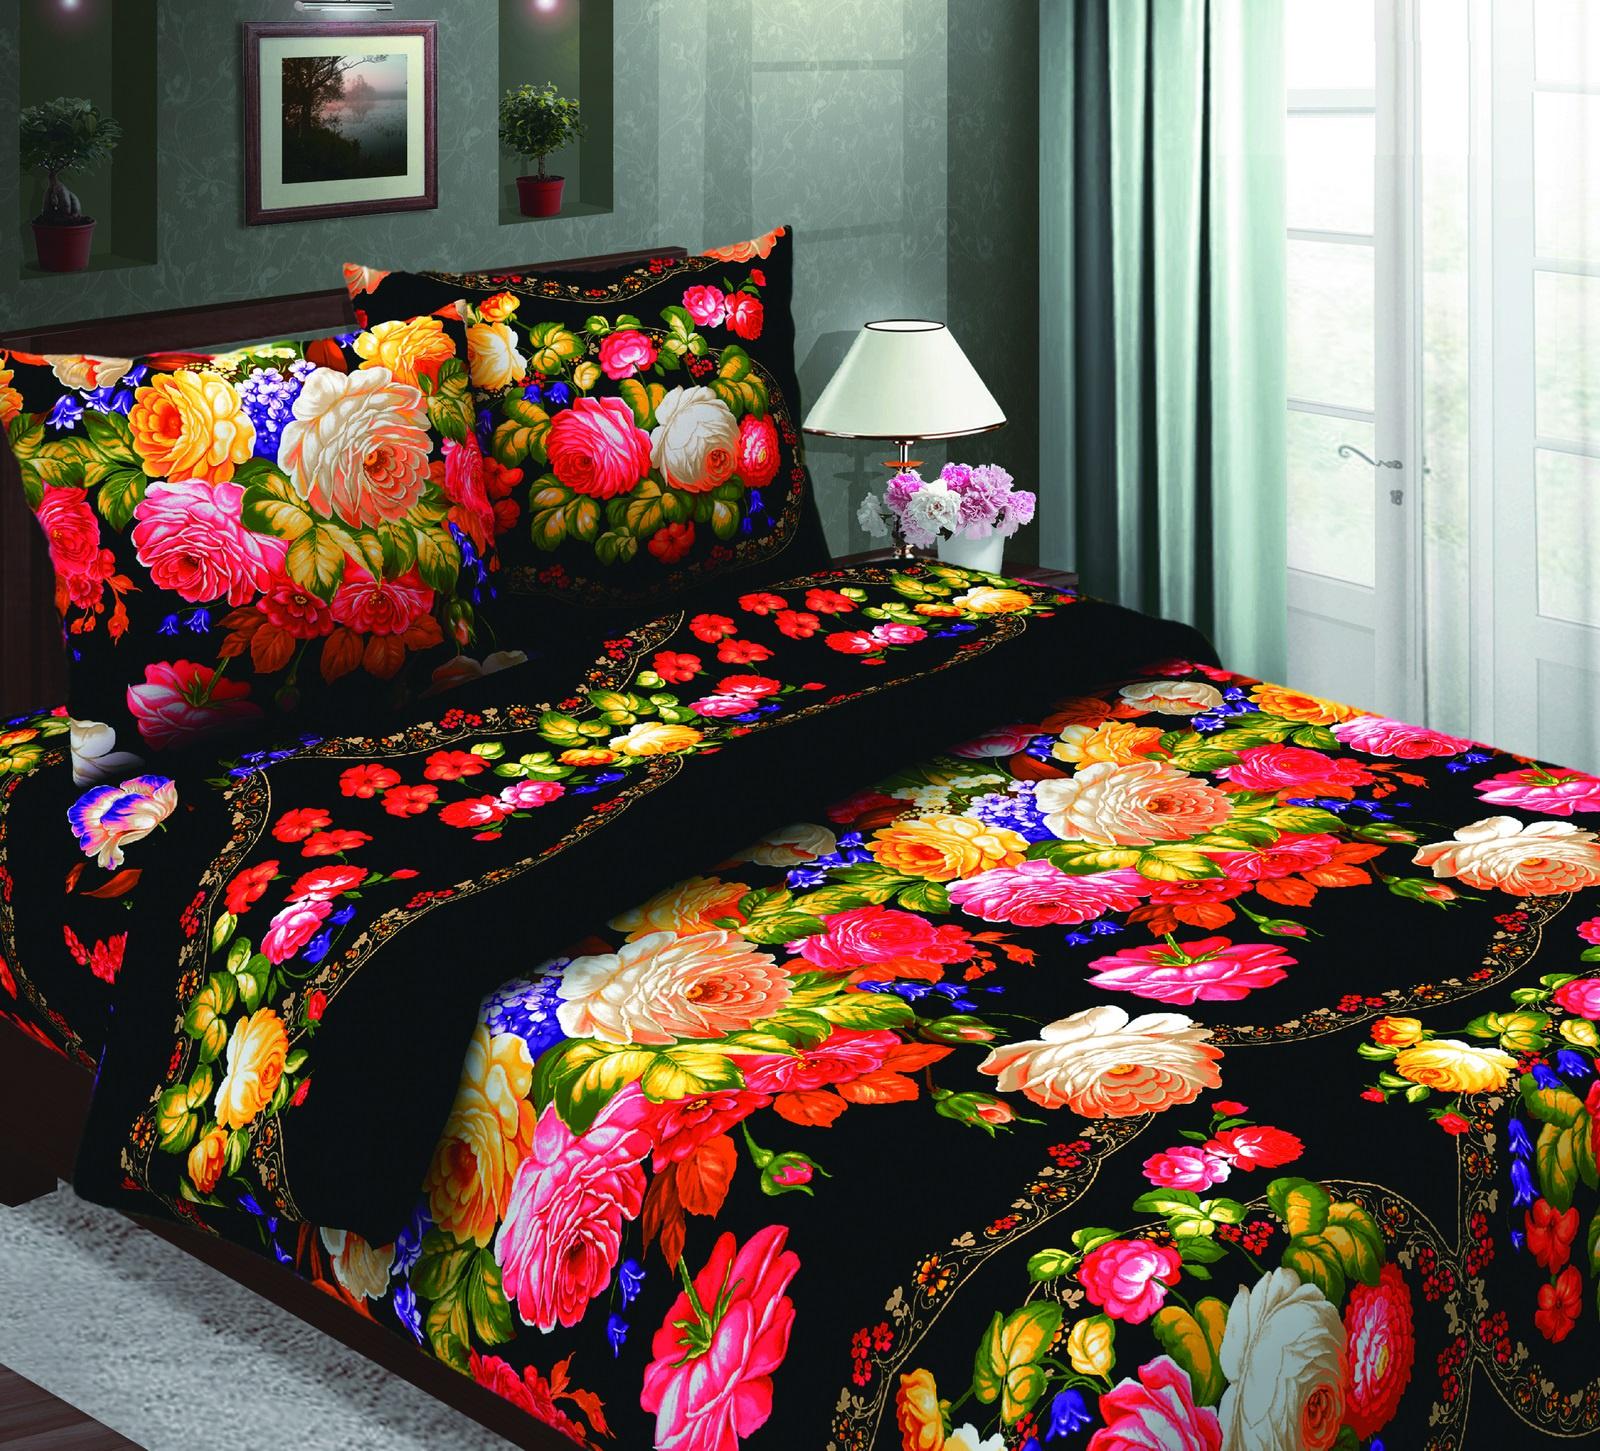 Комплект постельного белья ТК Традиция Традиция, для сна и отдыха, черный, розовый, желтый